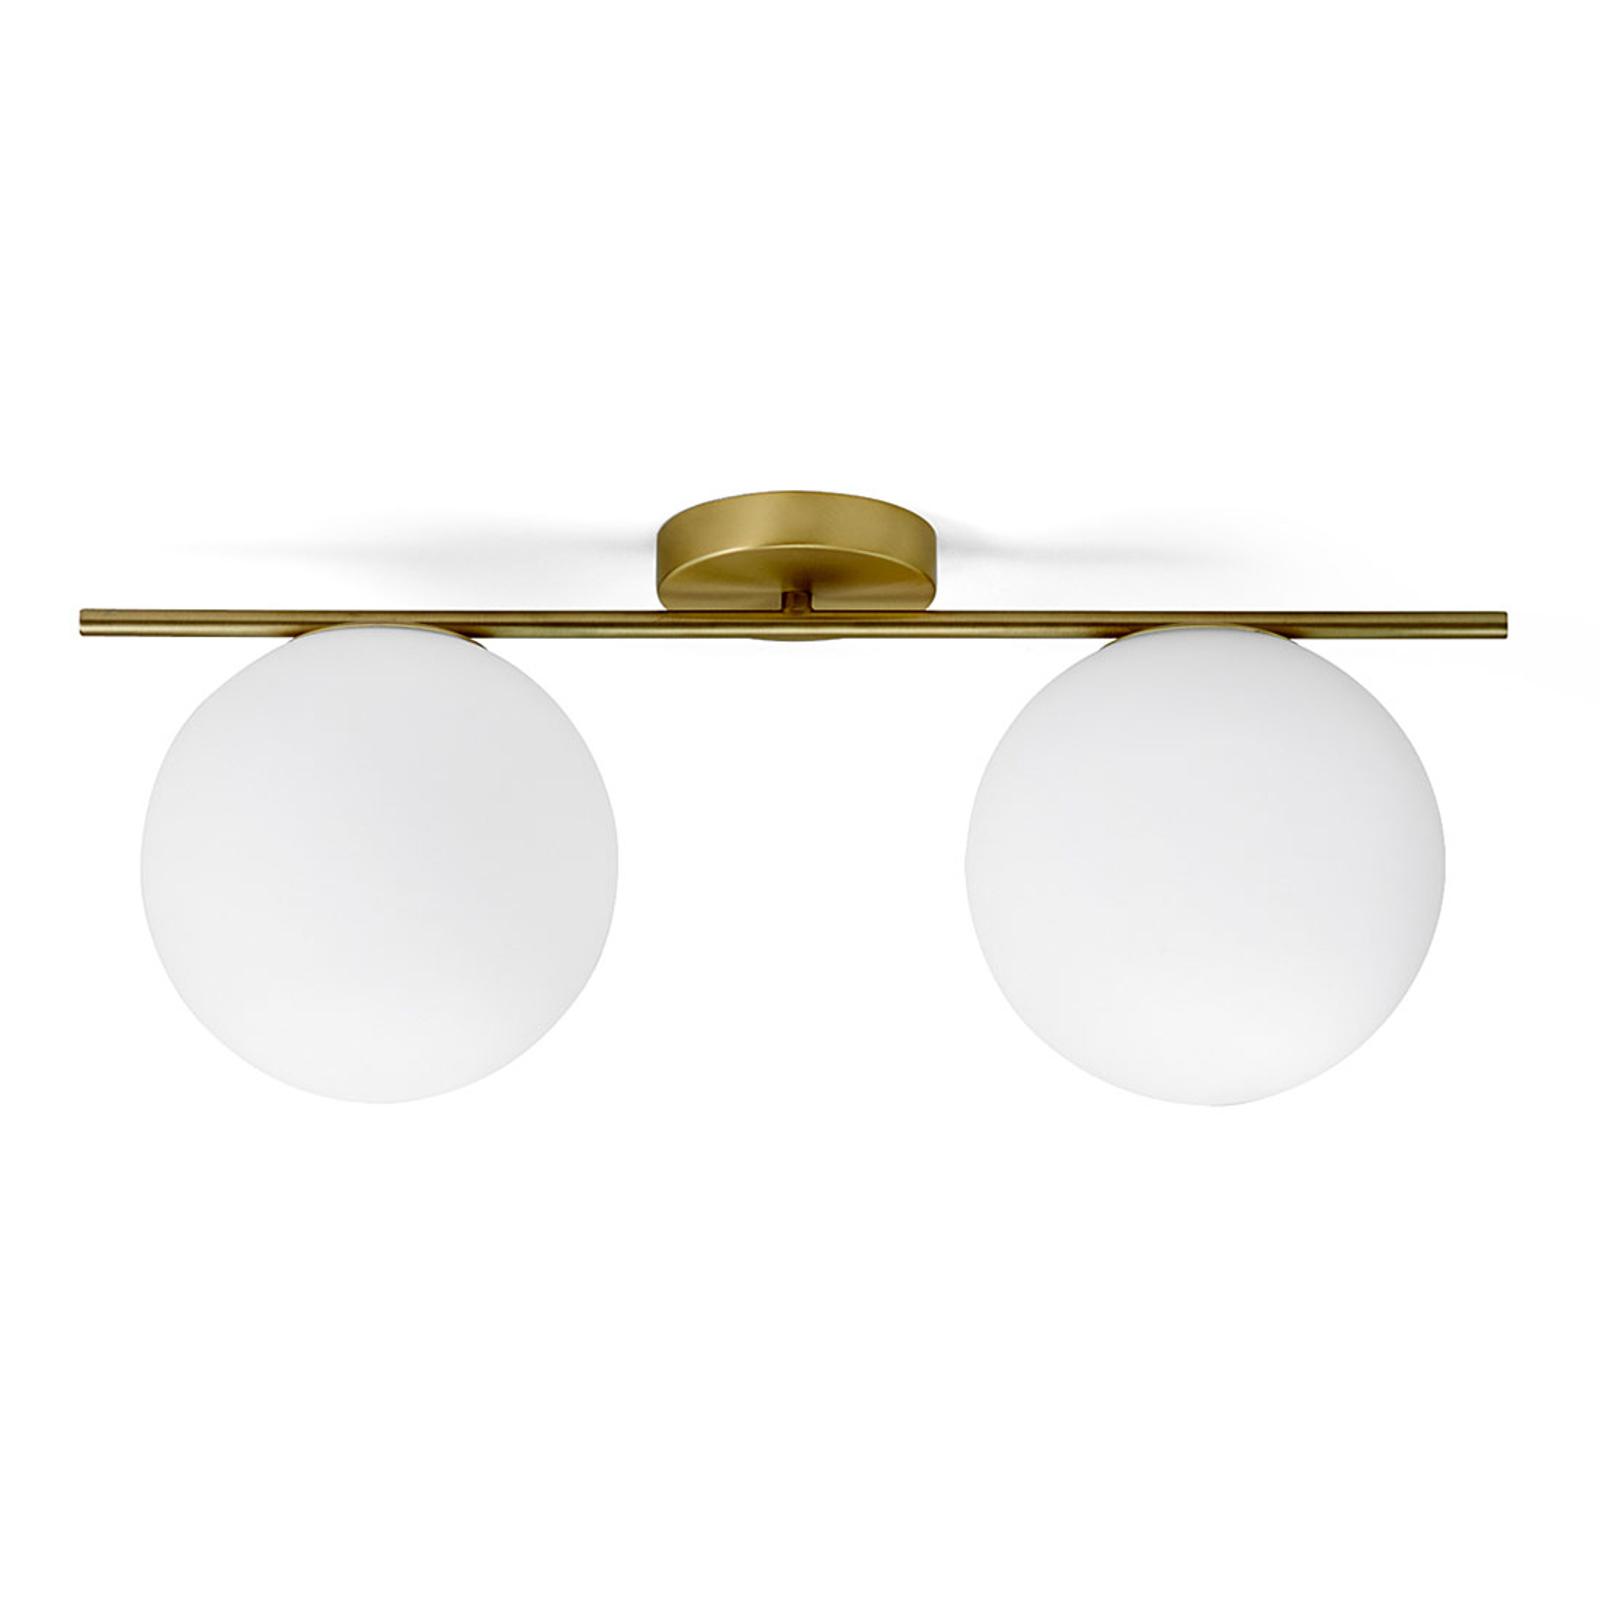 Messing-plafondlamp Jugen 2-lamps horizontaal